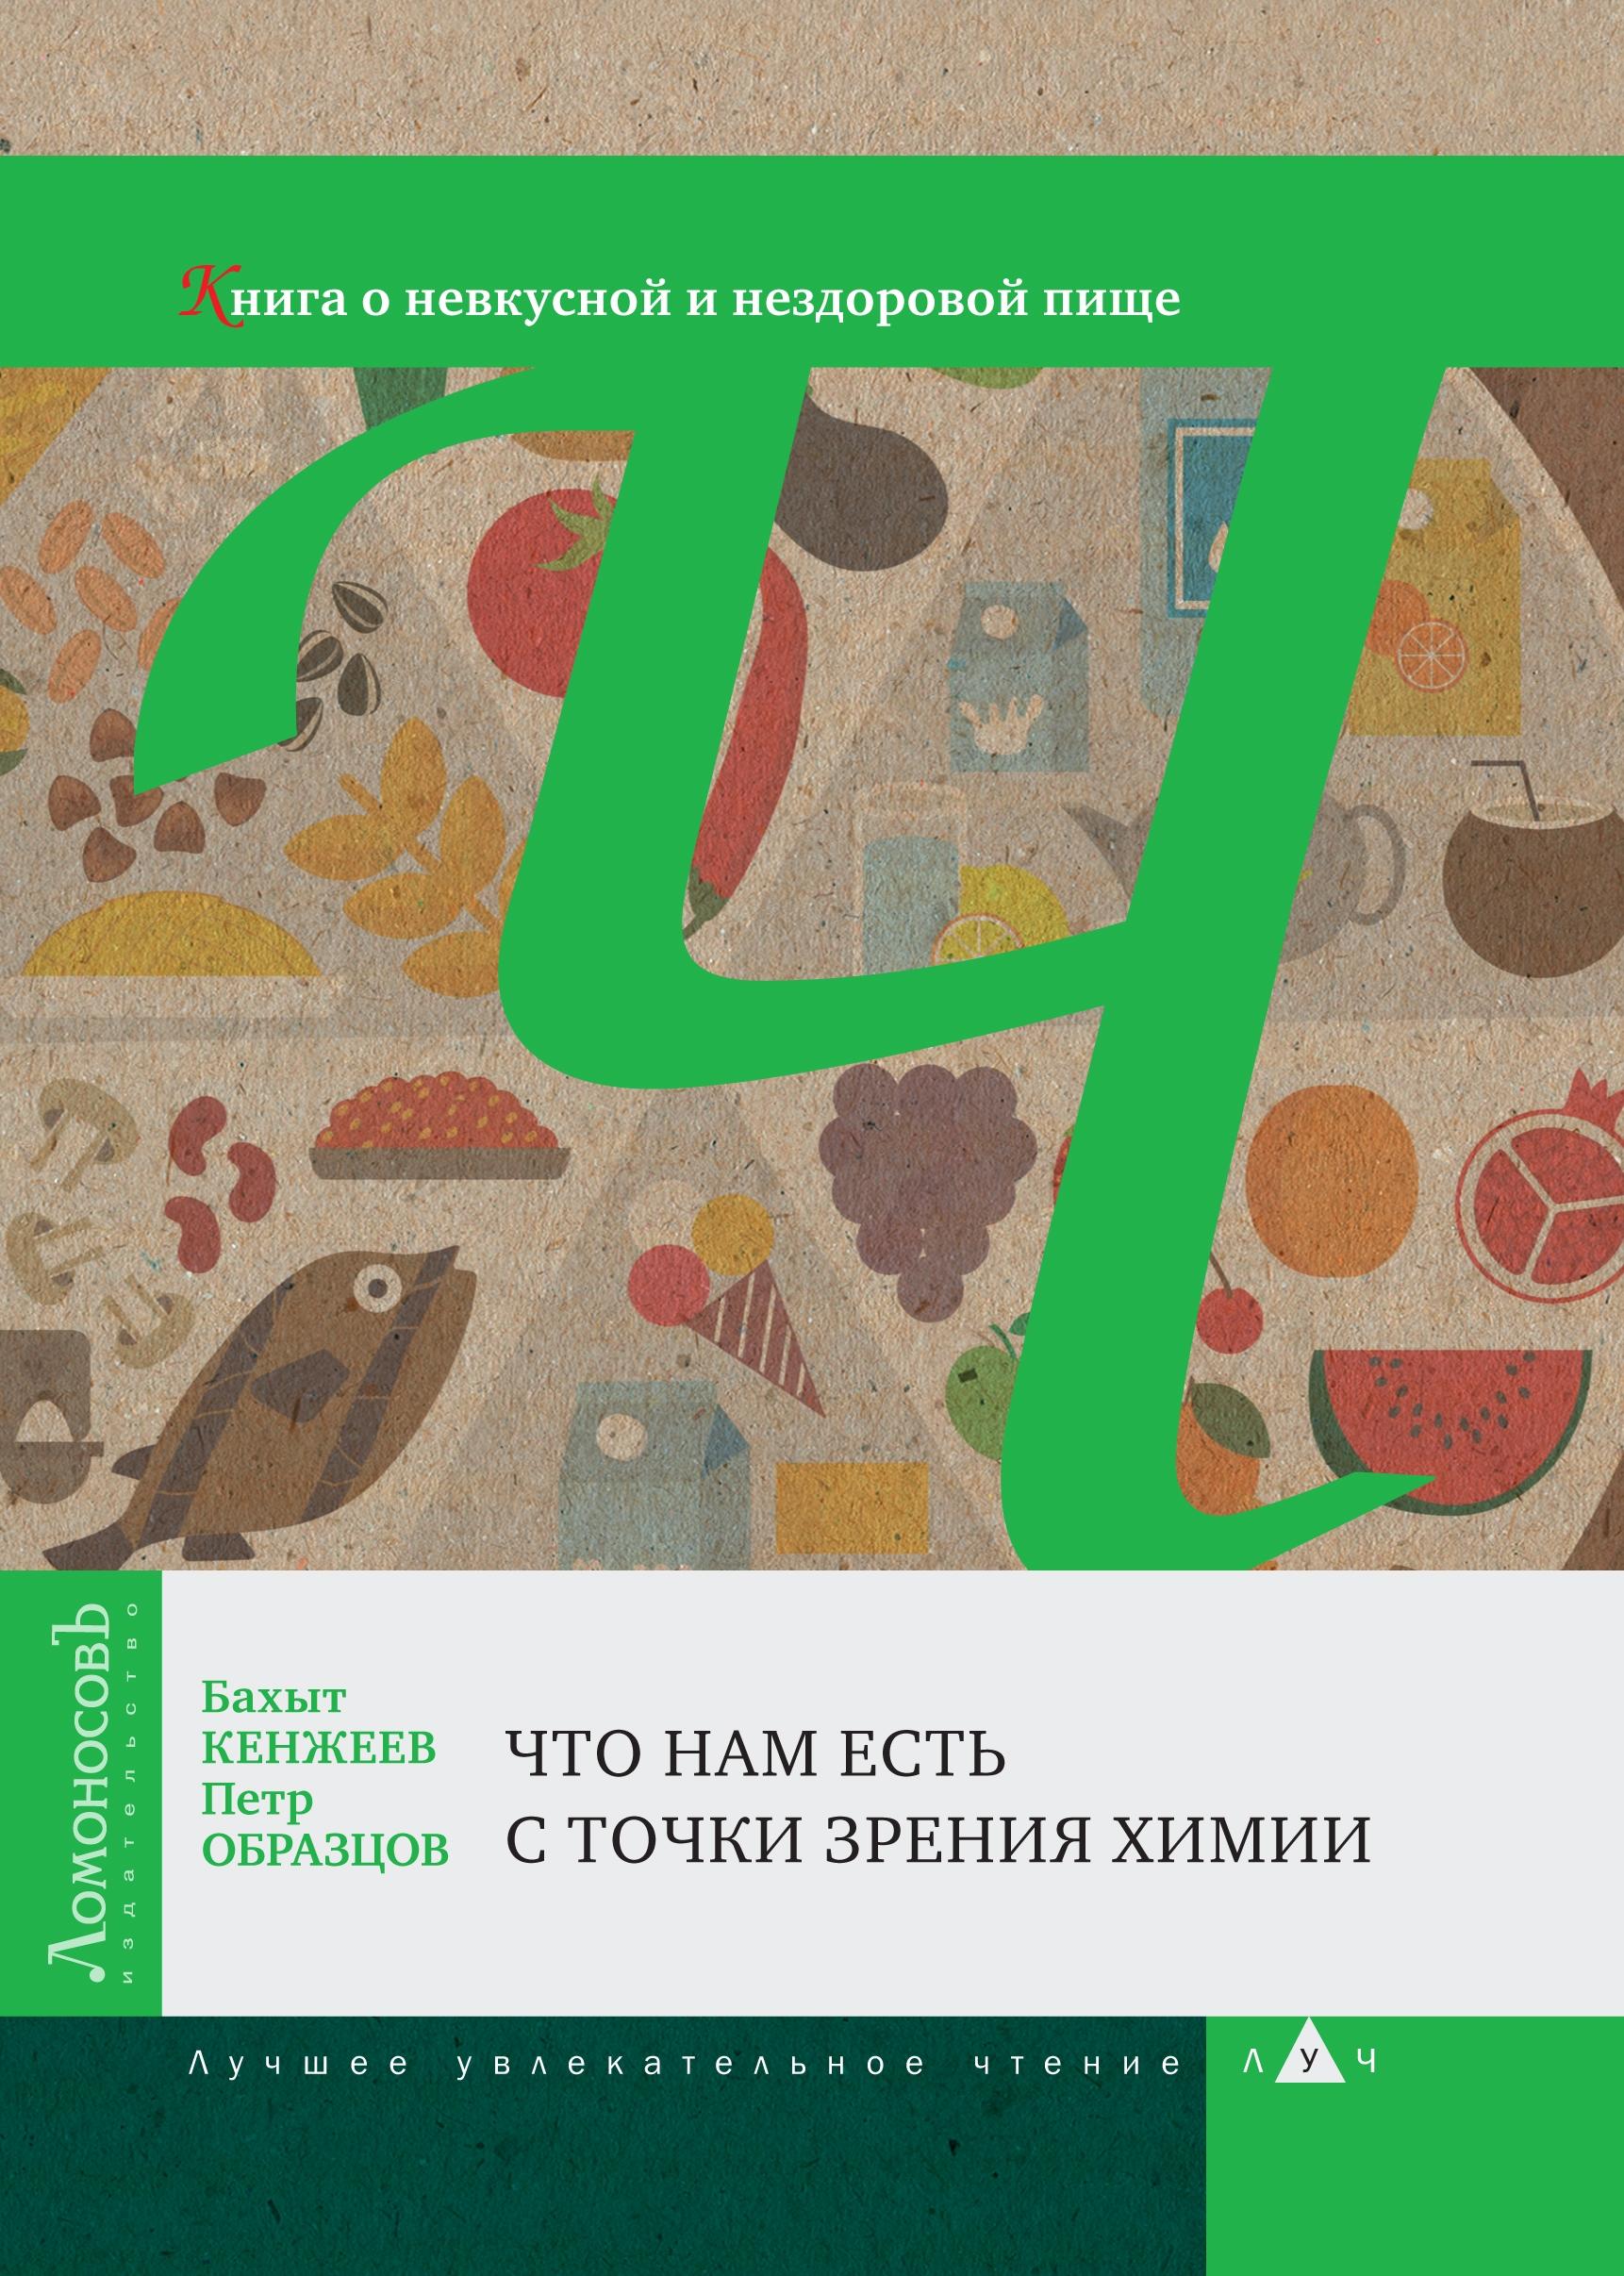 «Что нам есть с точки зрения химии. Книга о невкусной и нездоровой пище» Бахыт Кенжеев, Пётр Образцов